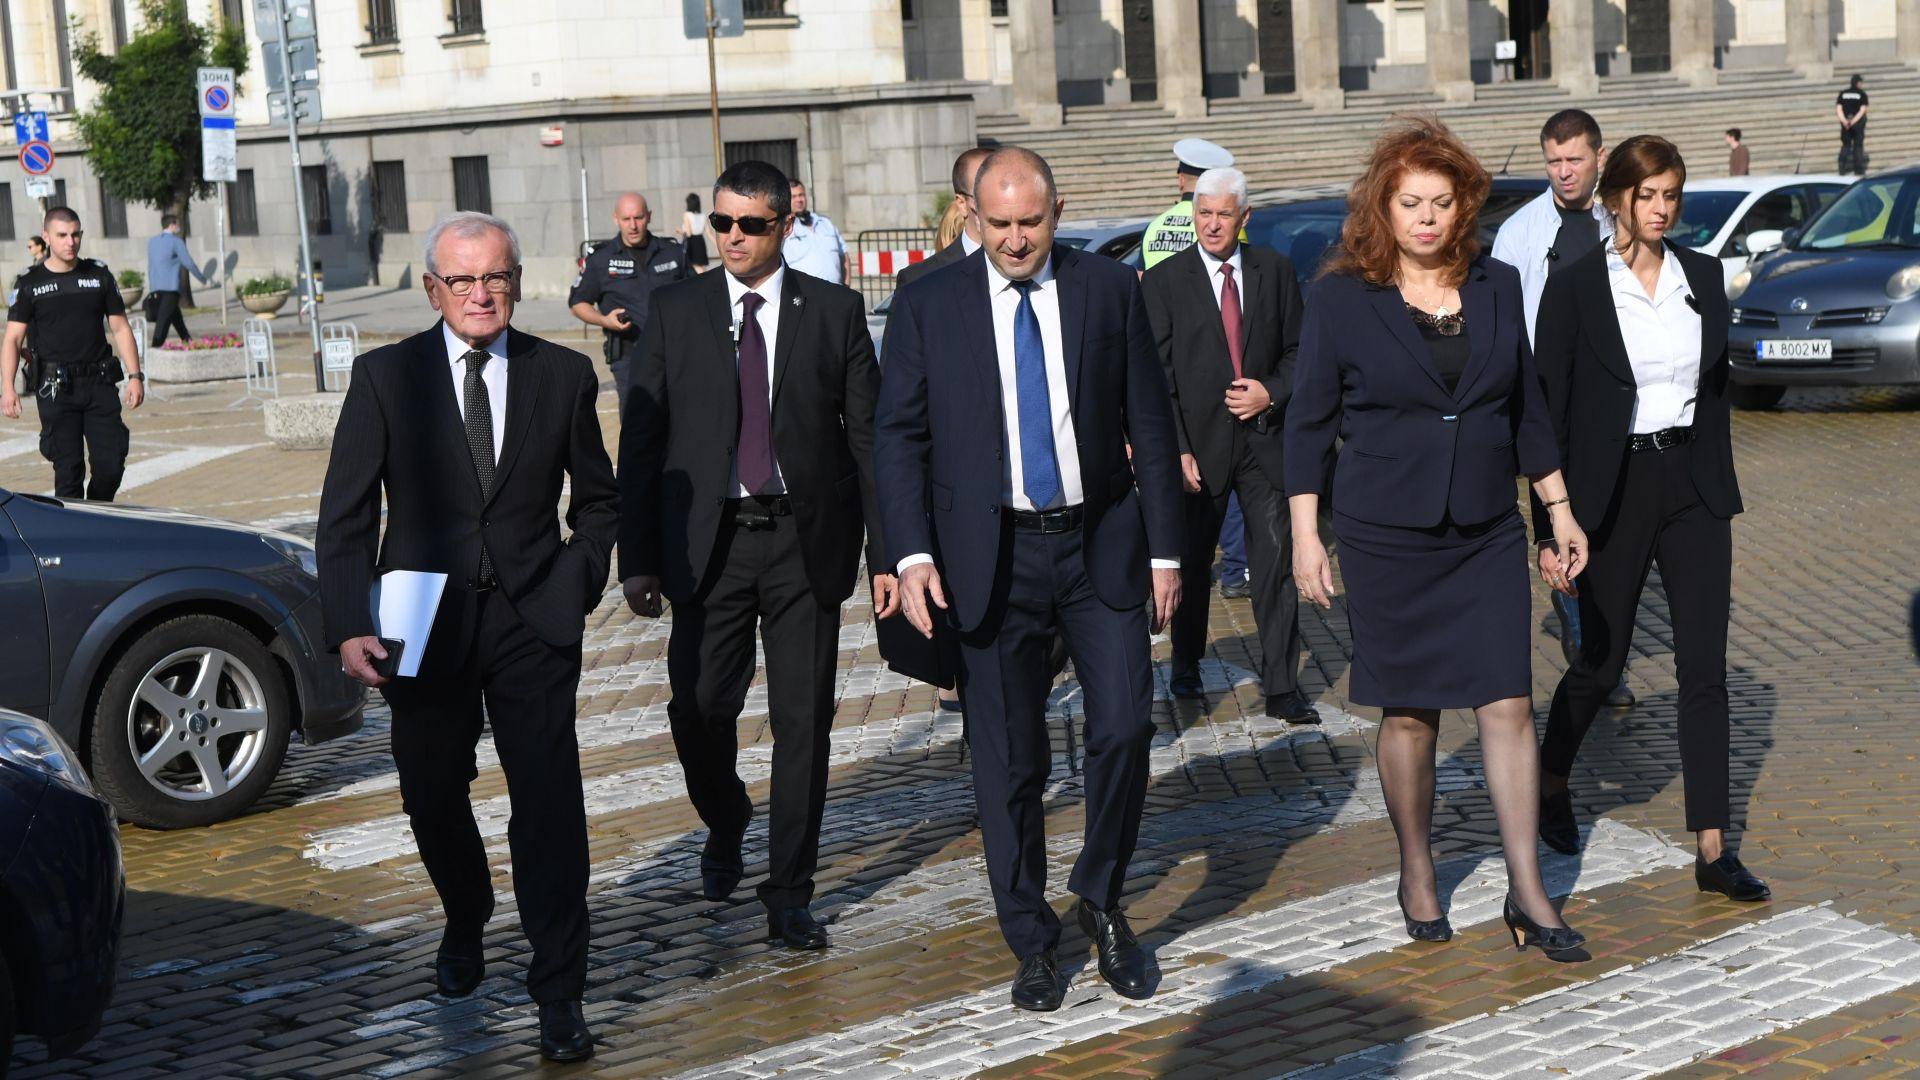 Радев: Днес е денят на надеждата, редовен кабинет трябва да продължи оздравяването на държавата